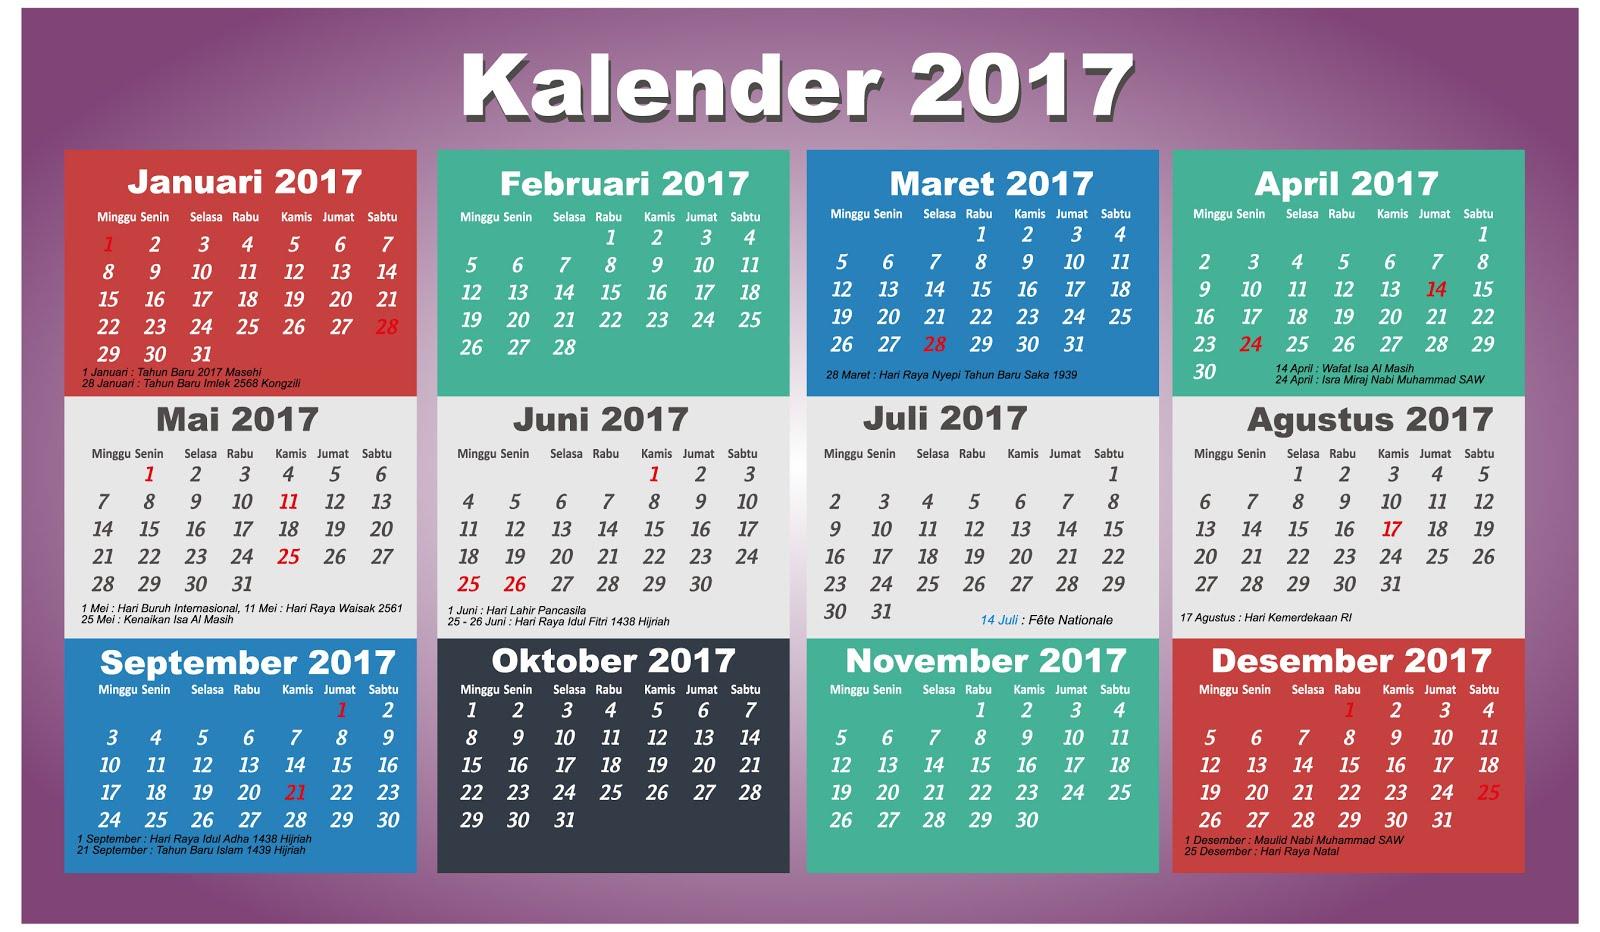 календарные листочки ин ку 2017 ограниченной